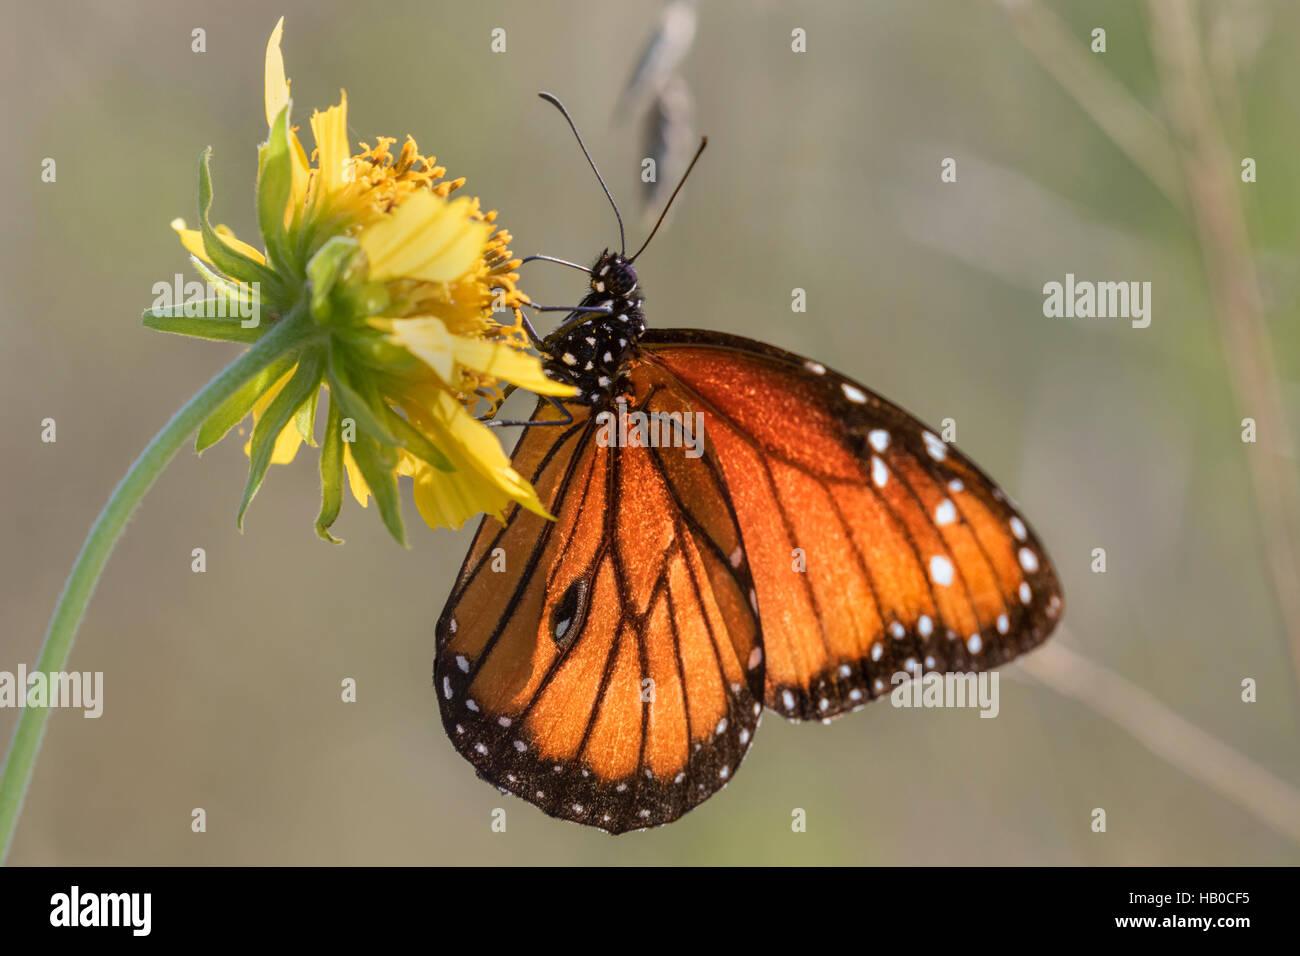 Königin-Schmetterling (Danaus Gilippus) Fütterung auf einer sonnigen Wiese, Aransas, Texas, USA Stockbild